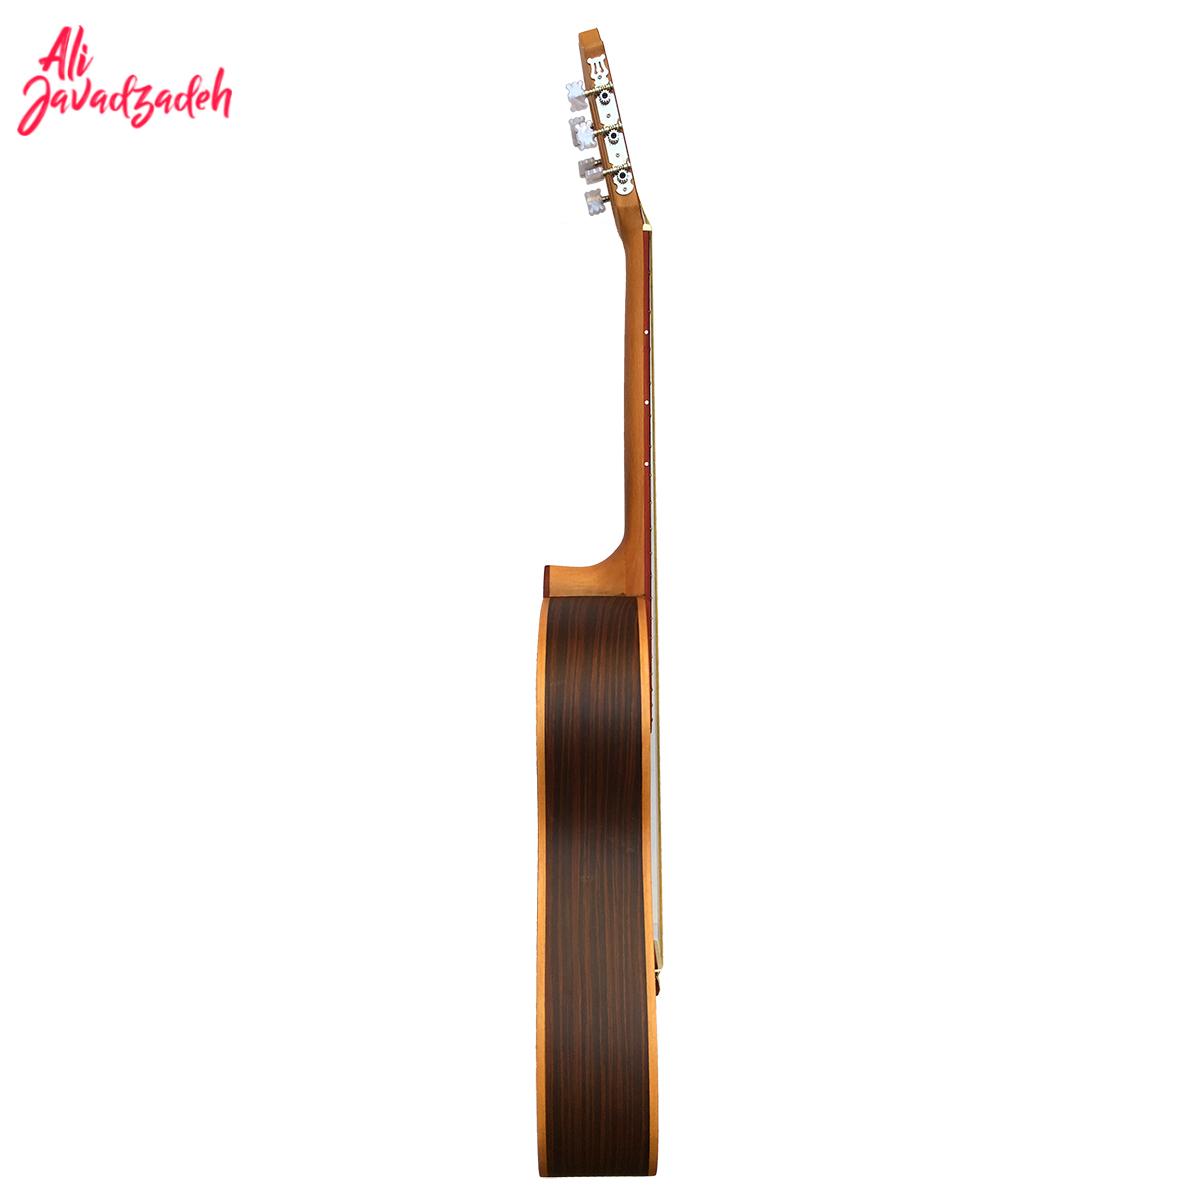 گیتار کلاسیک رزونانس مدل H320-1